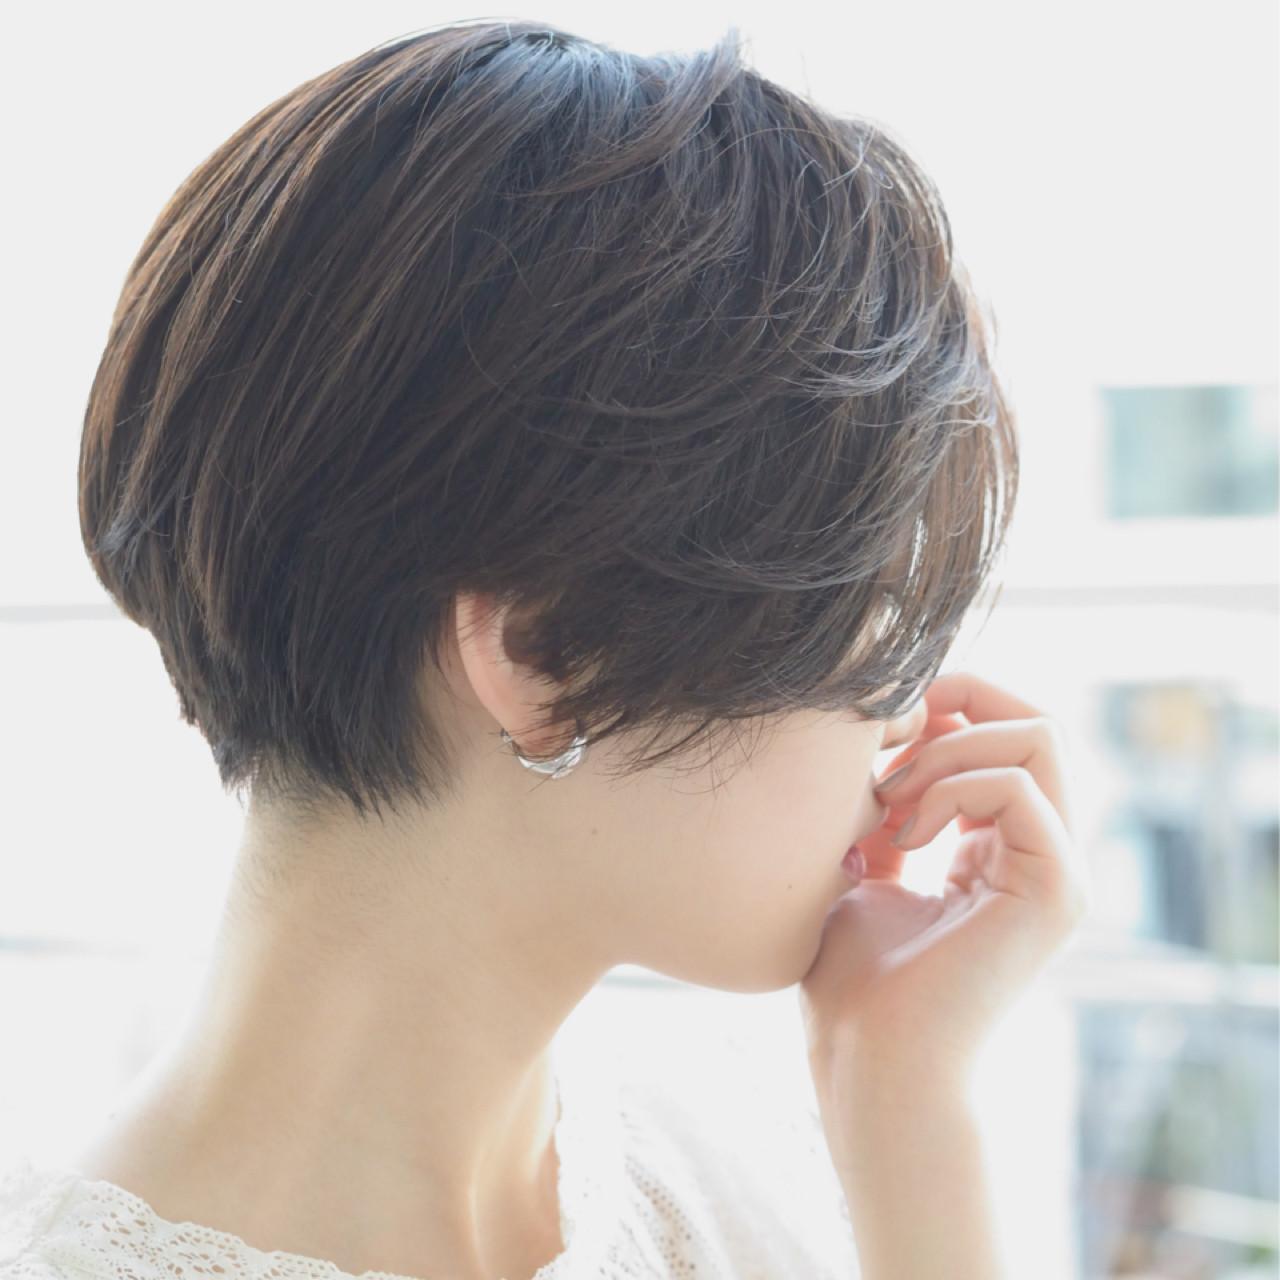 外国人風 ボブ 大人かわいい ナチュラル ヘアスタイルや髪型の写真・画像 | 常盤 大地 / butterflyバタフライ